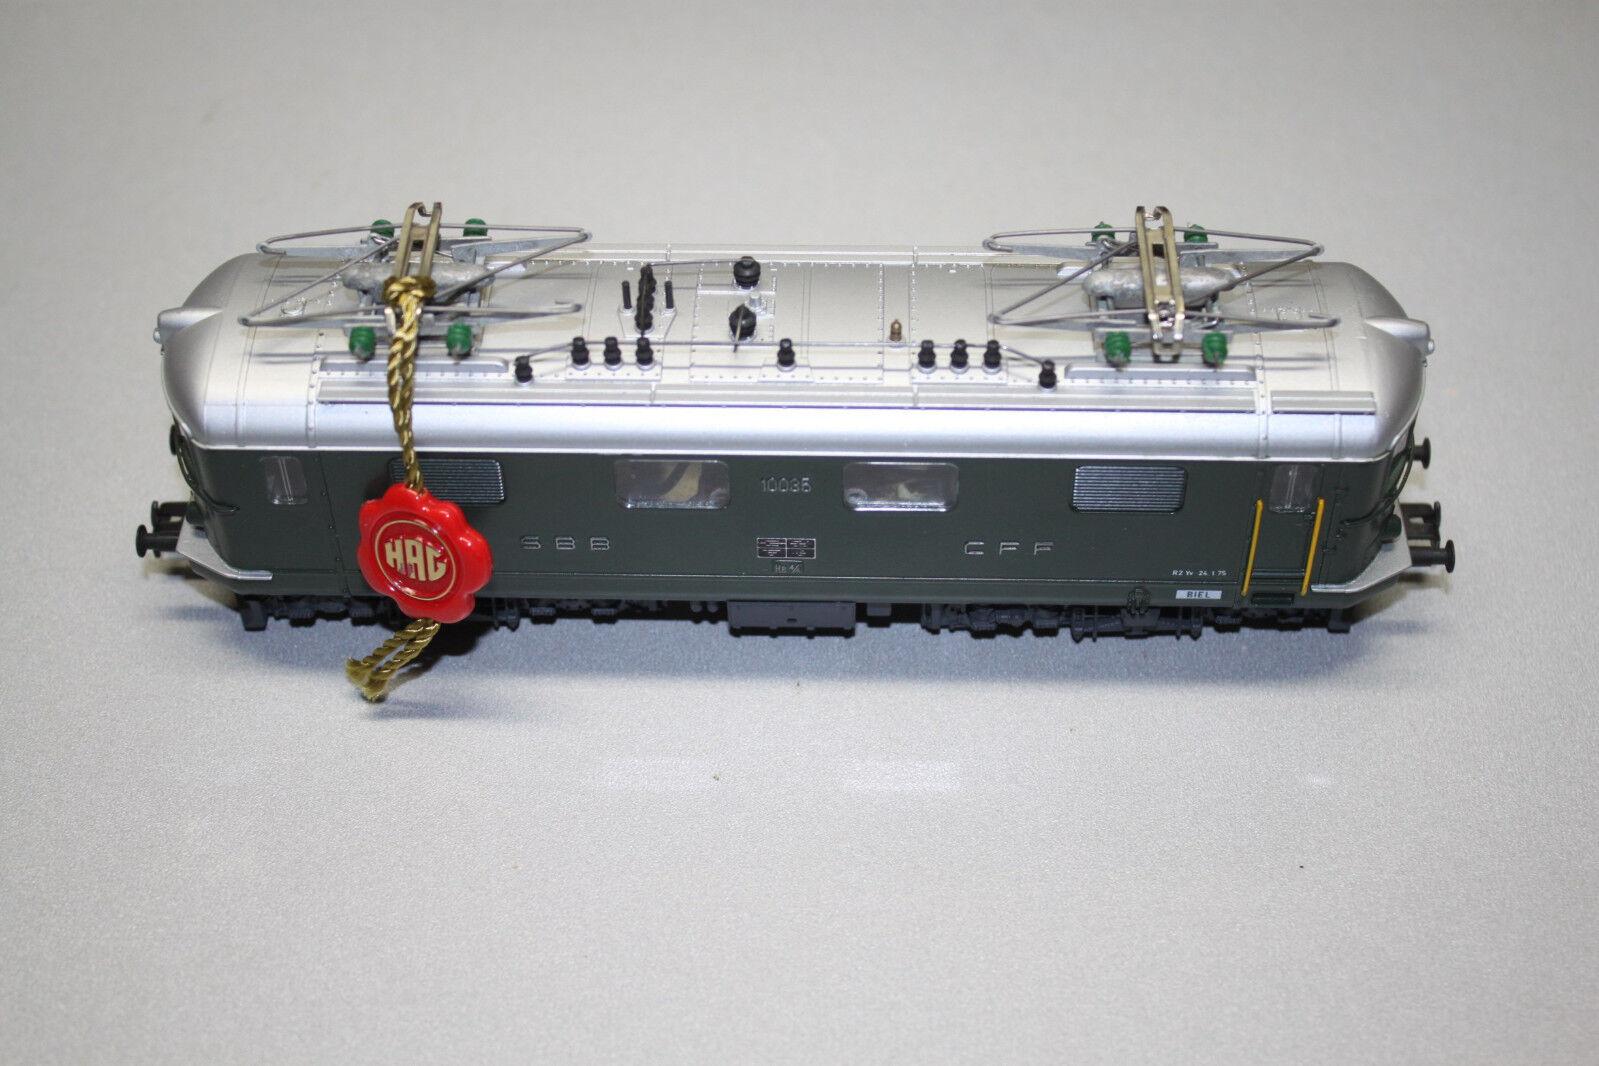 Hag elok serie re 4 4 10035 SBB verde corriente alterna Spur h0